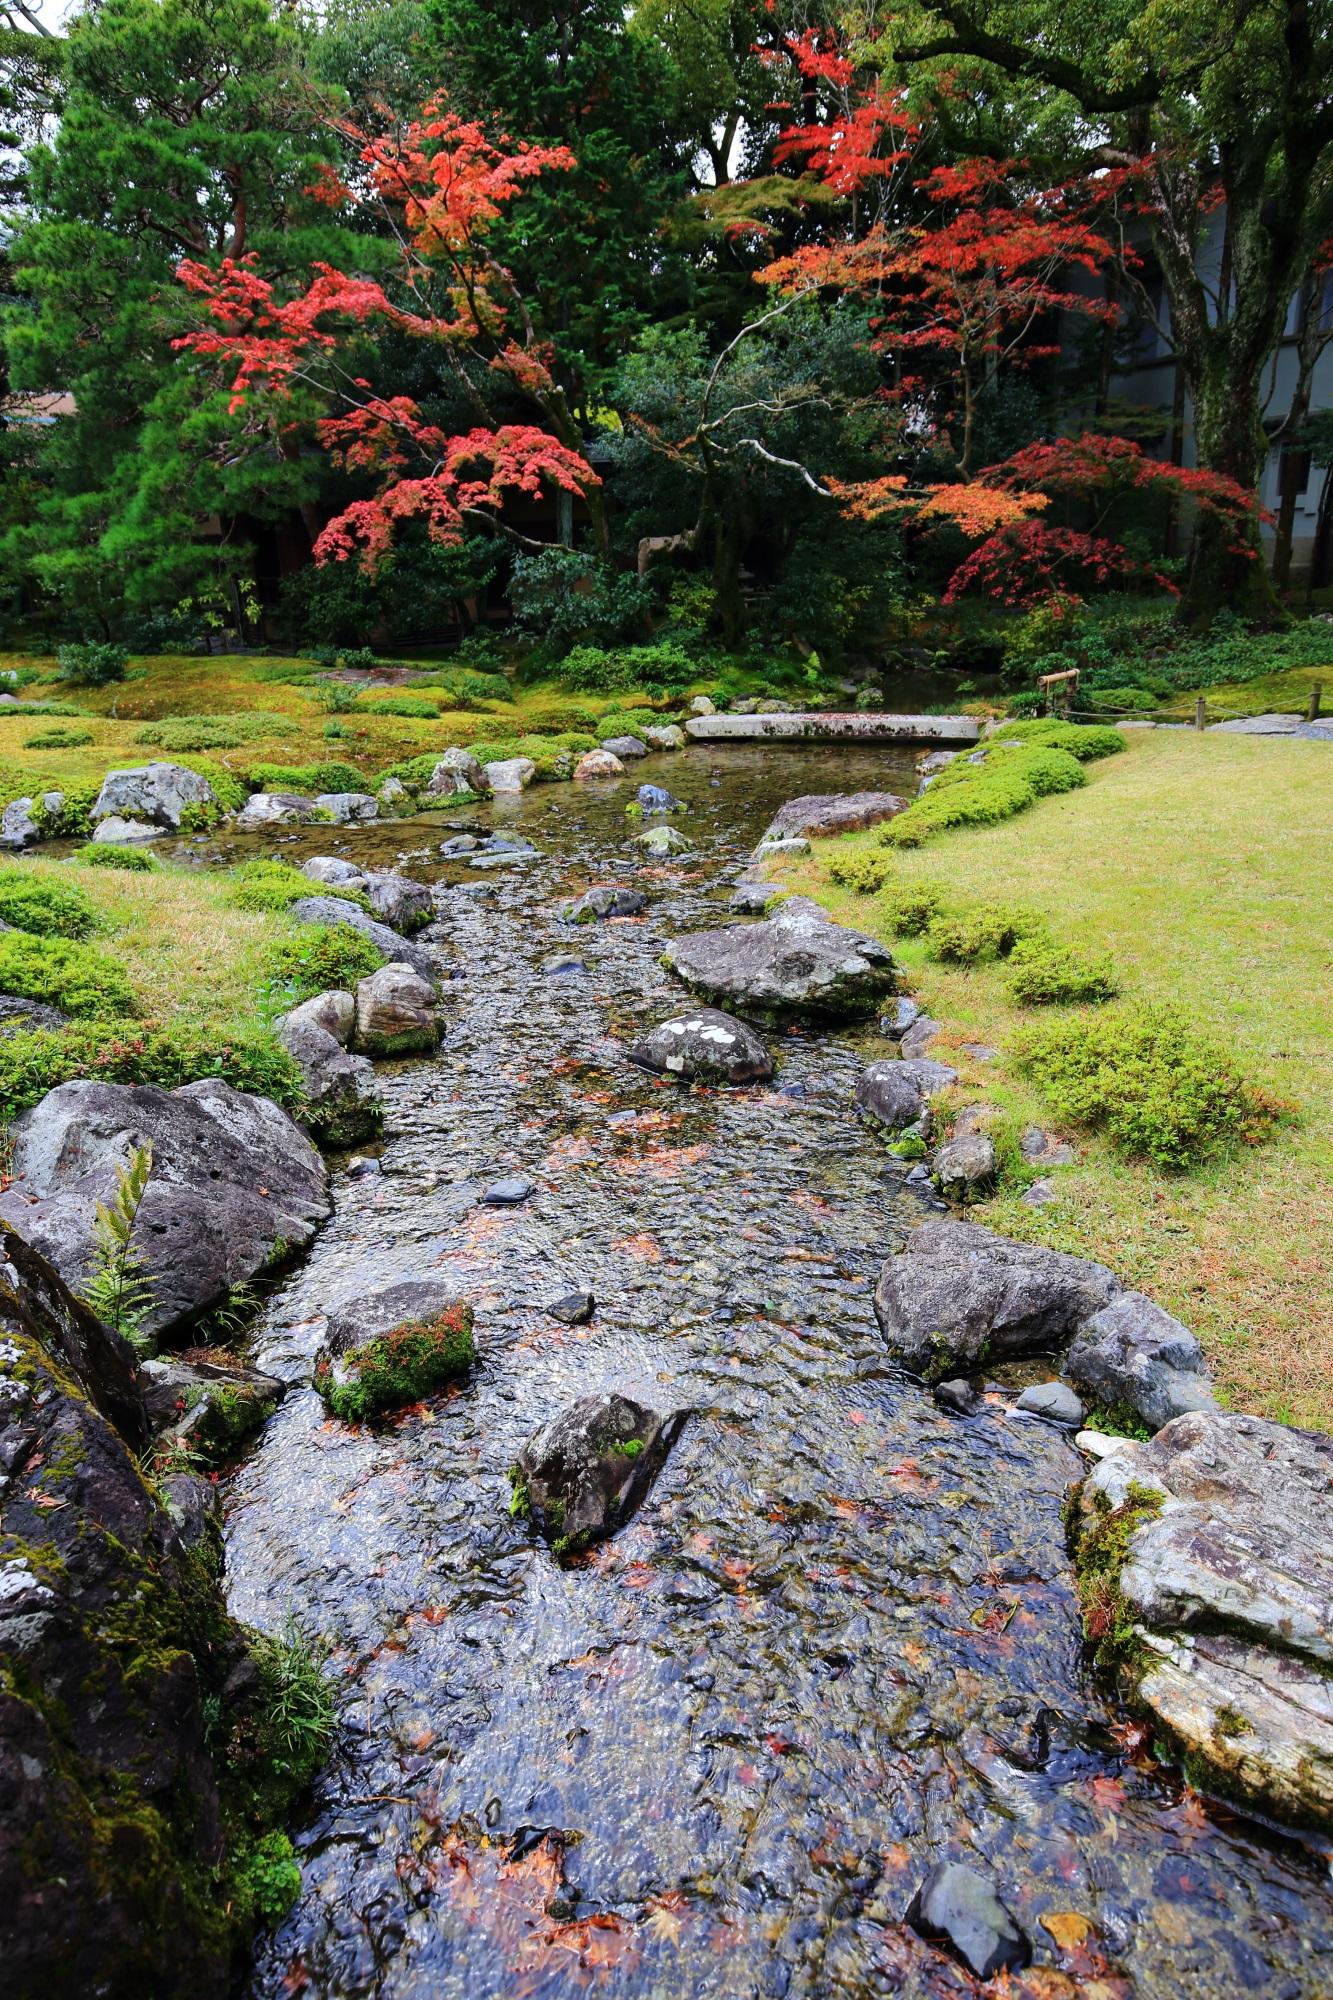 琵琶湖疏水を取り入れた小川が綺麗な無鄰菴